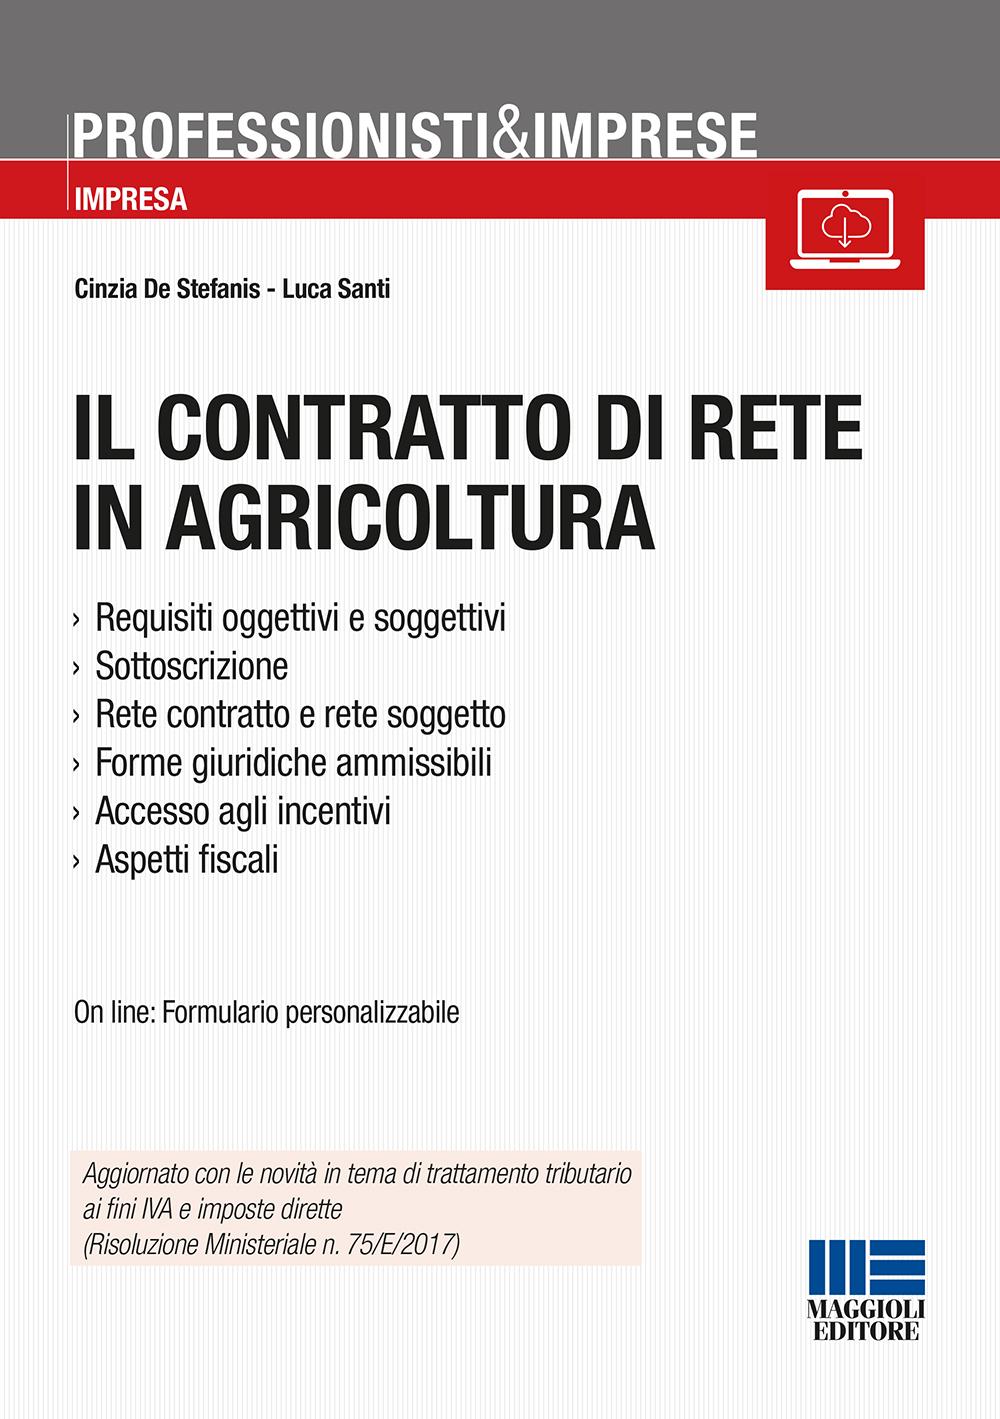 Il contratto di rete in agricoltura